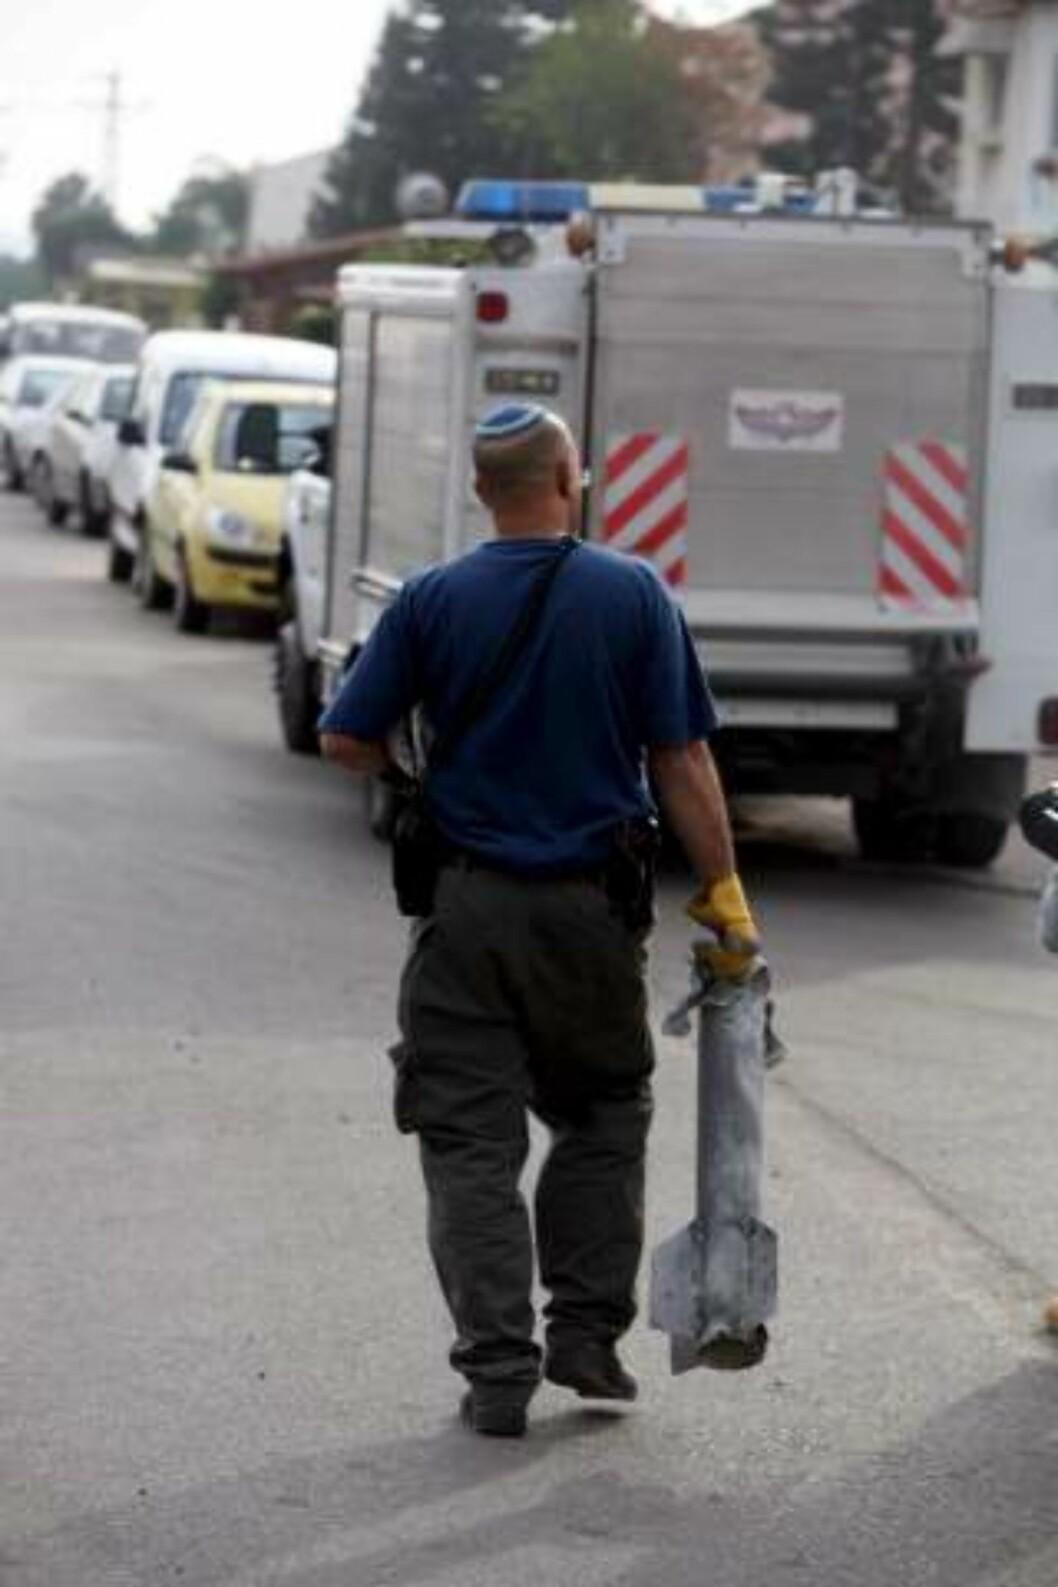 <strong>RAKETTEN:</strong> En israelsk politimann bærer en Qassam-rakett som  i dag traff et hus i Sderot. EPA/PAVEL WOLBERG